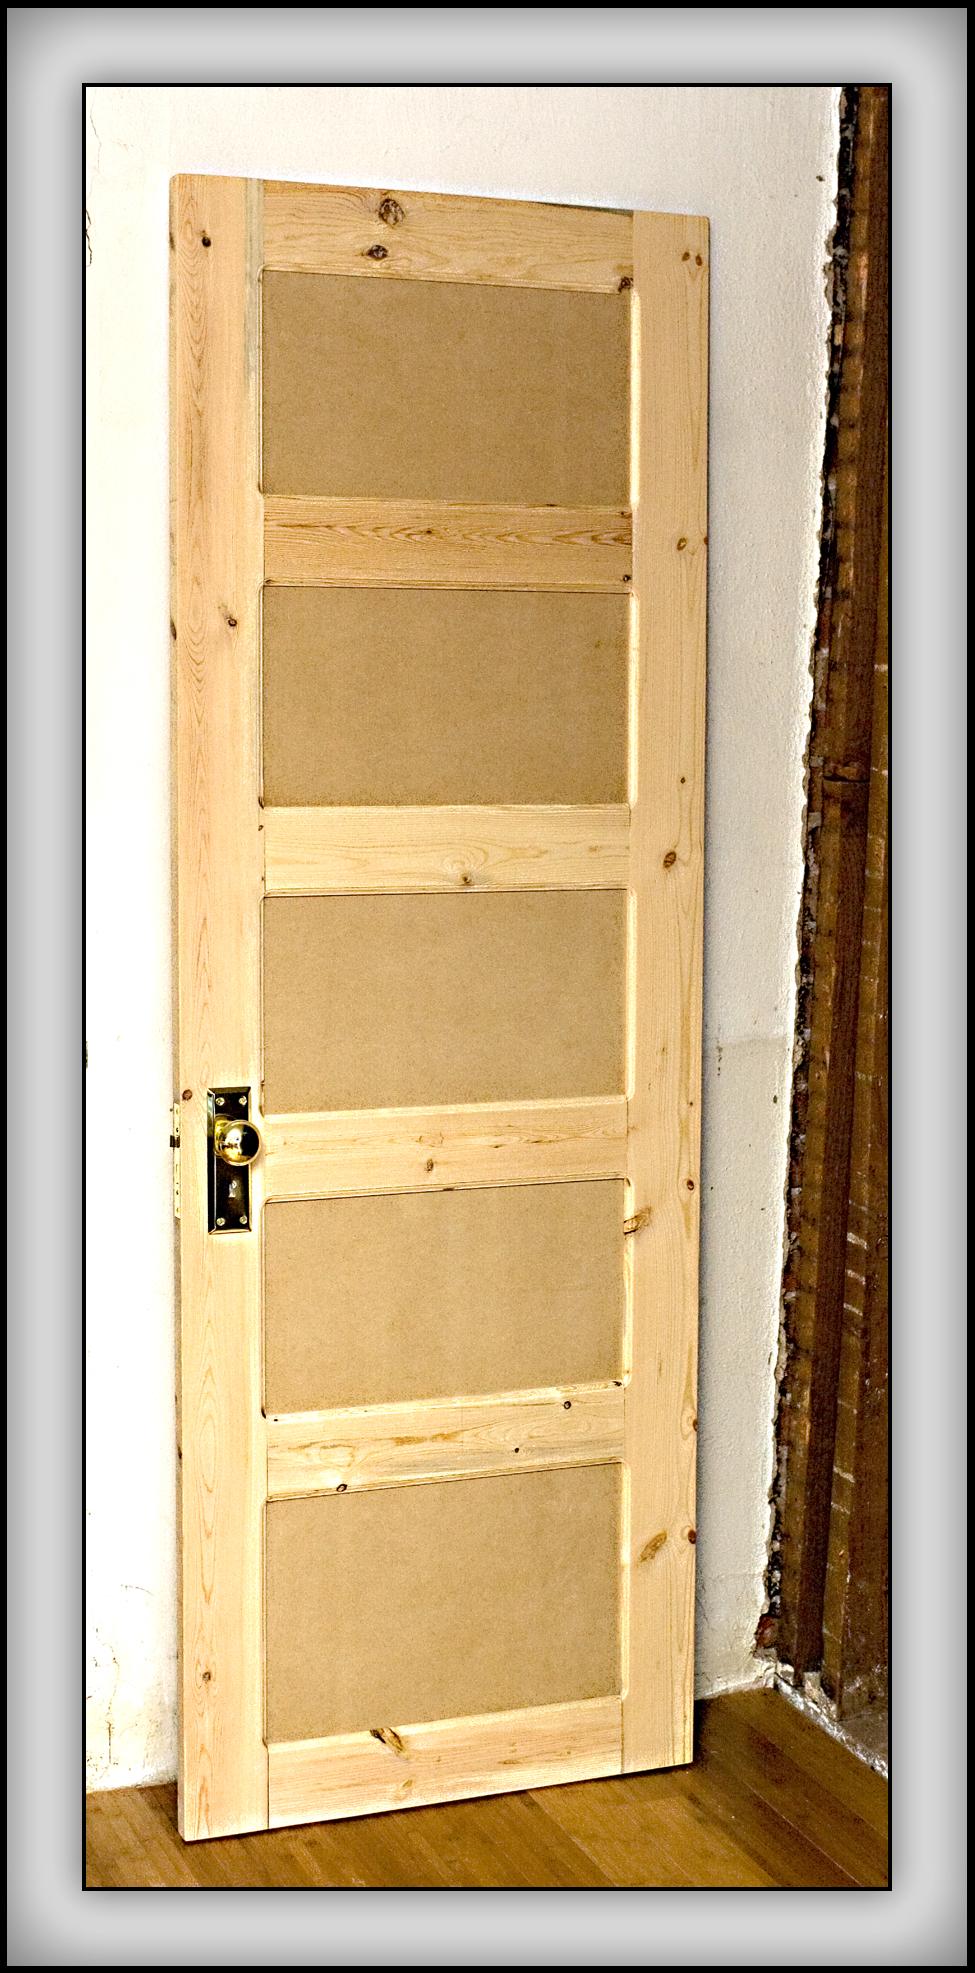 New old door-dsc_0219.jpg